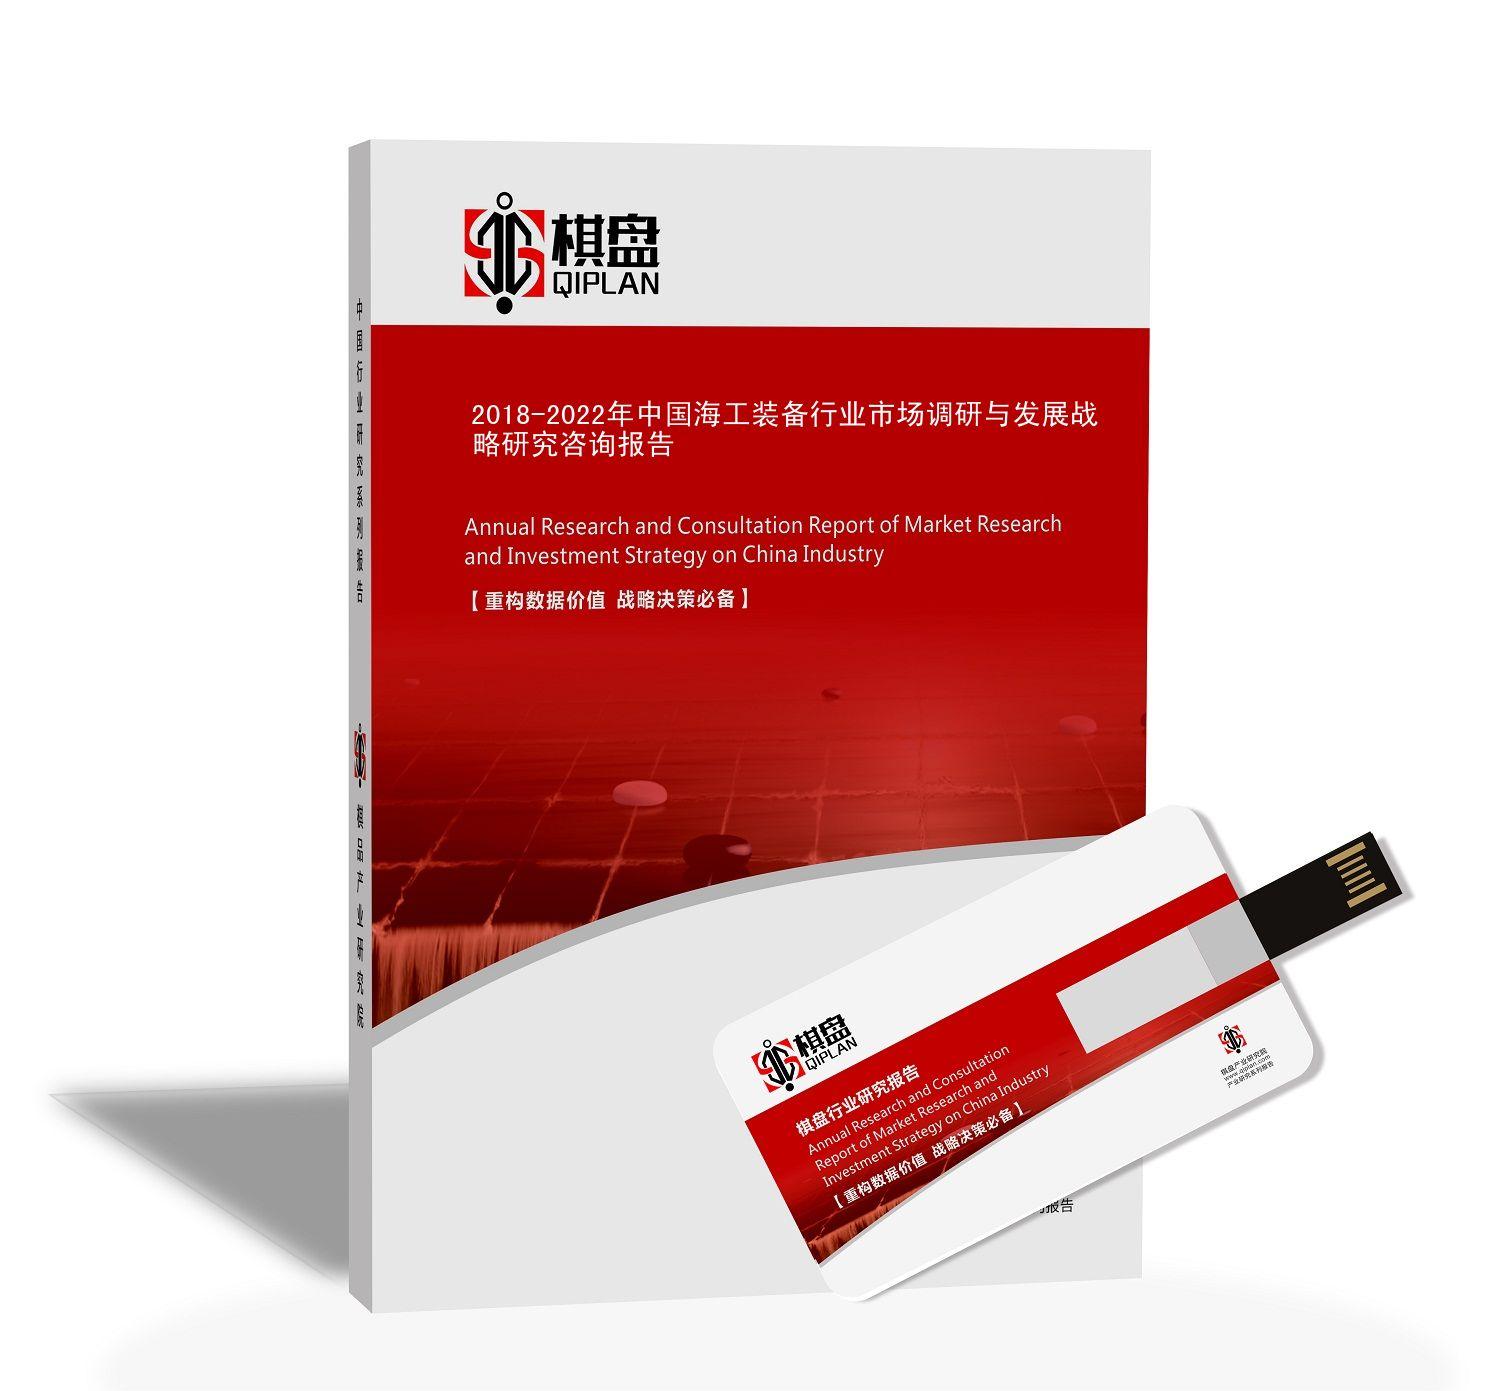 2018-2022年中国海工装备行业市场调研与发展战略研究咨询报告